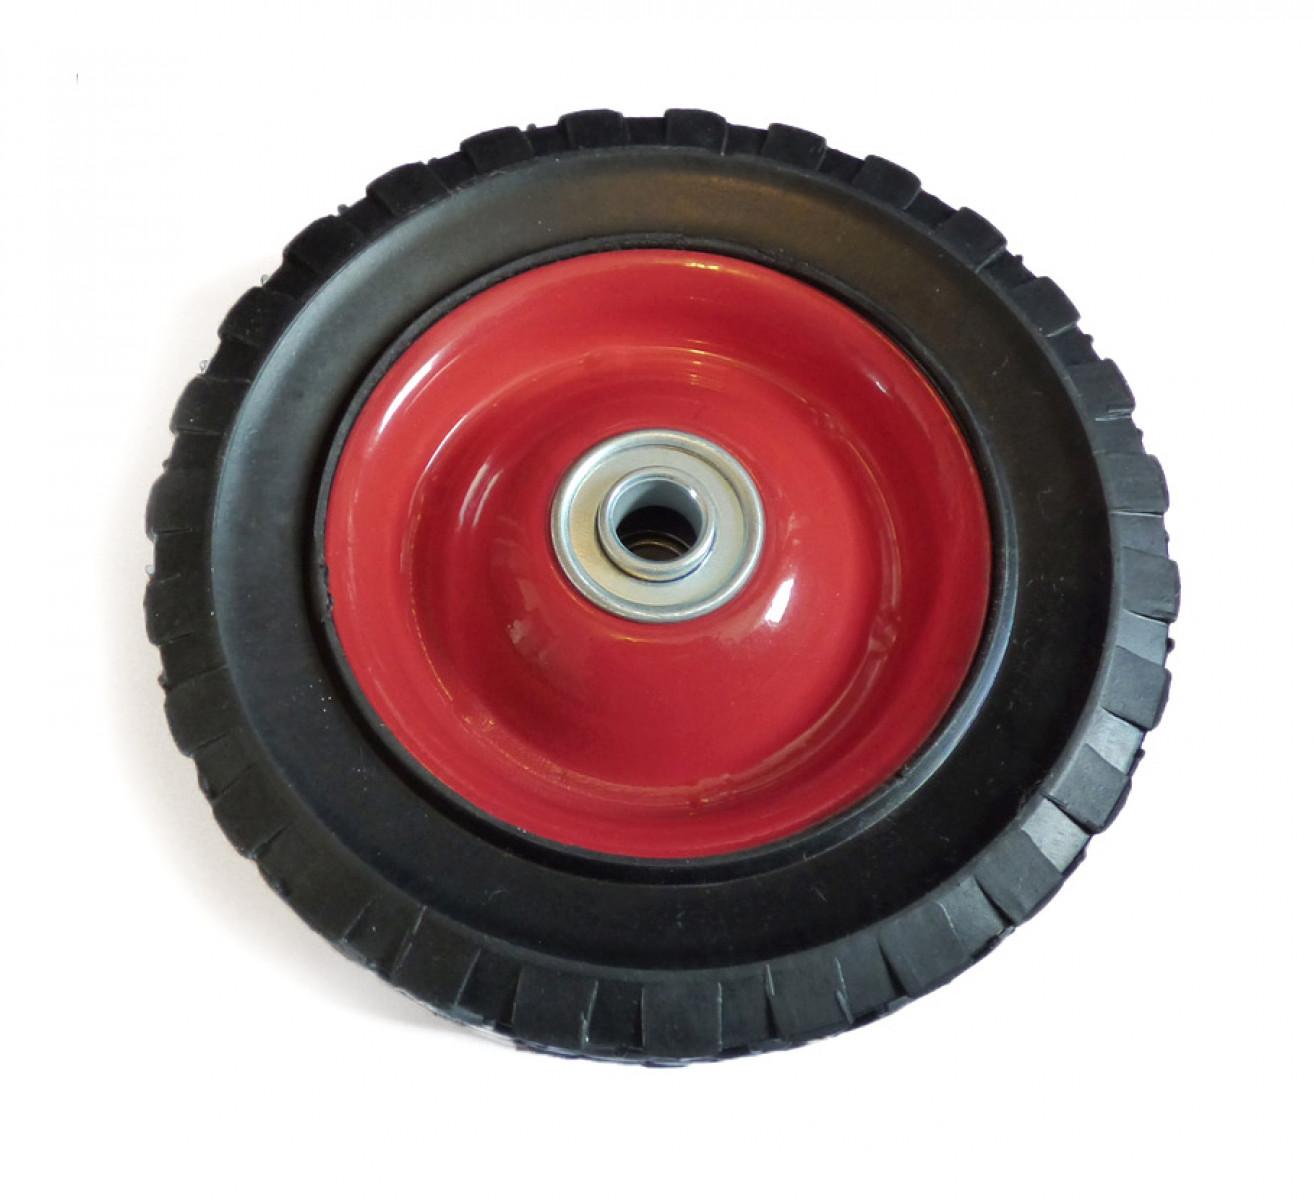 Univerzální kolo 150mm - kovové ložisko, pryžová pneumatika